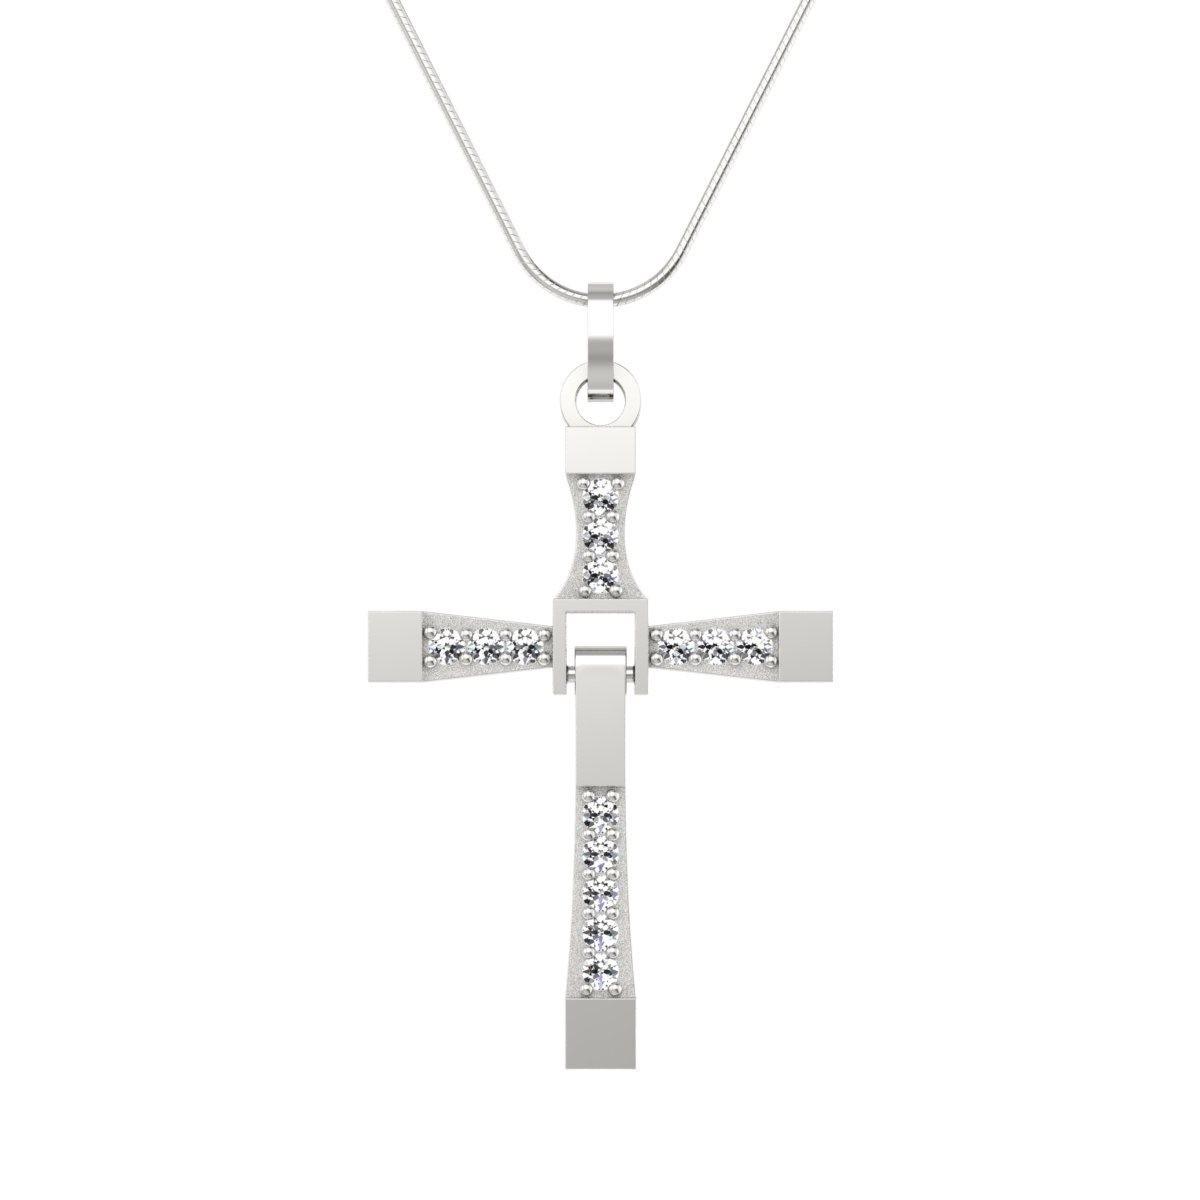 Wisiorek z diamentami białe złoto - Krzyżyk zawieszka